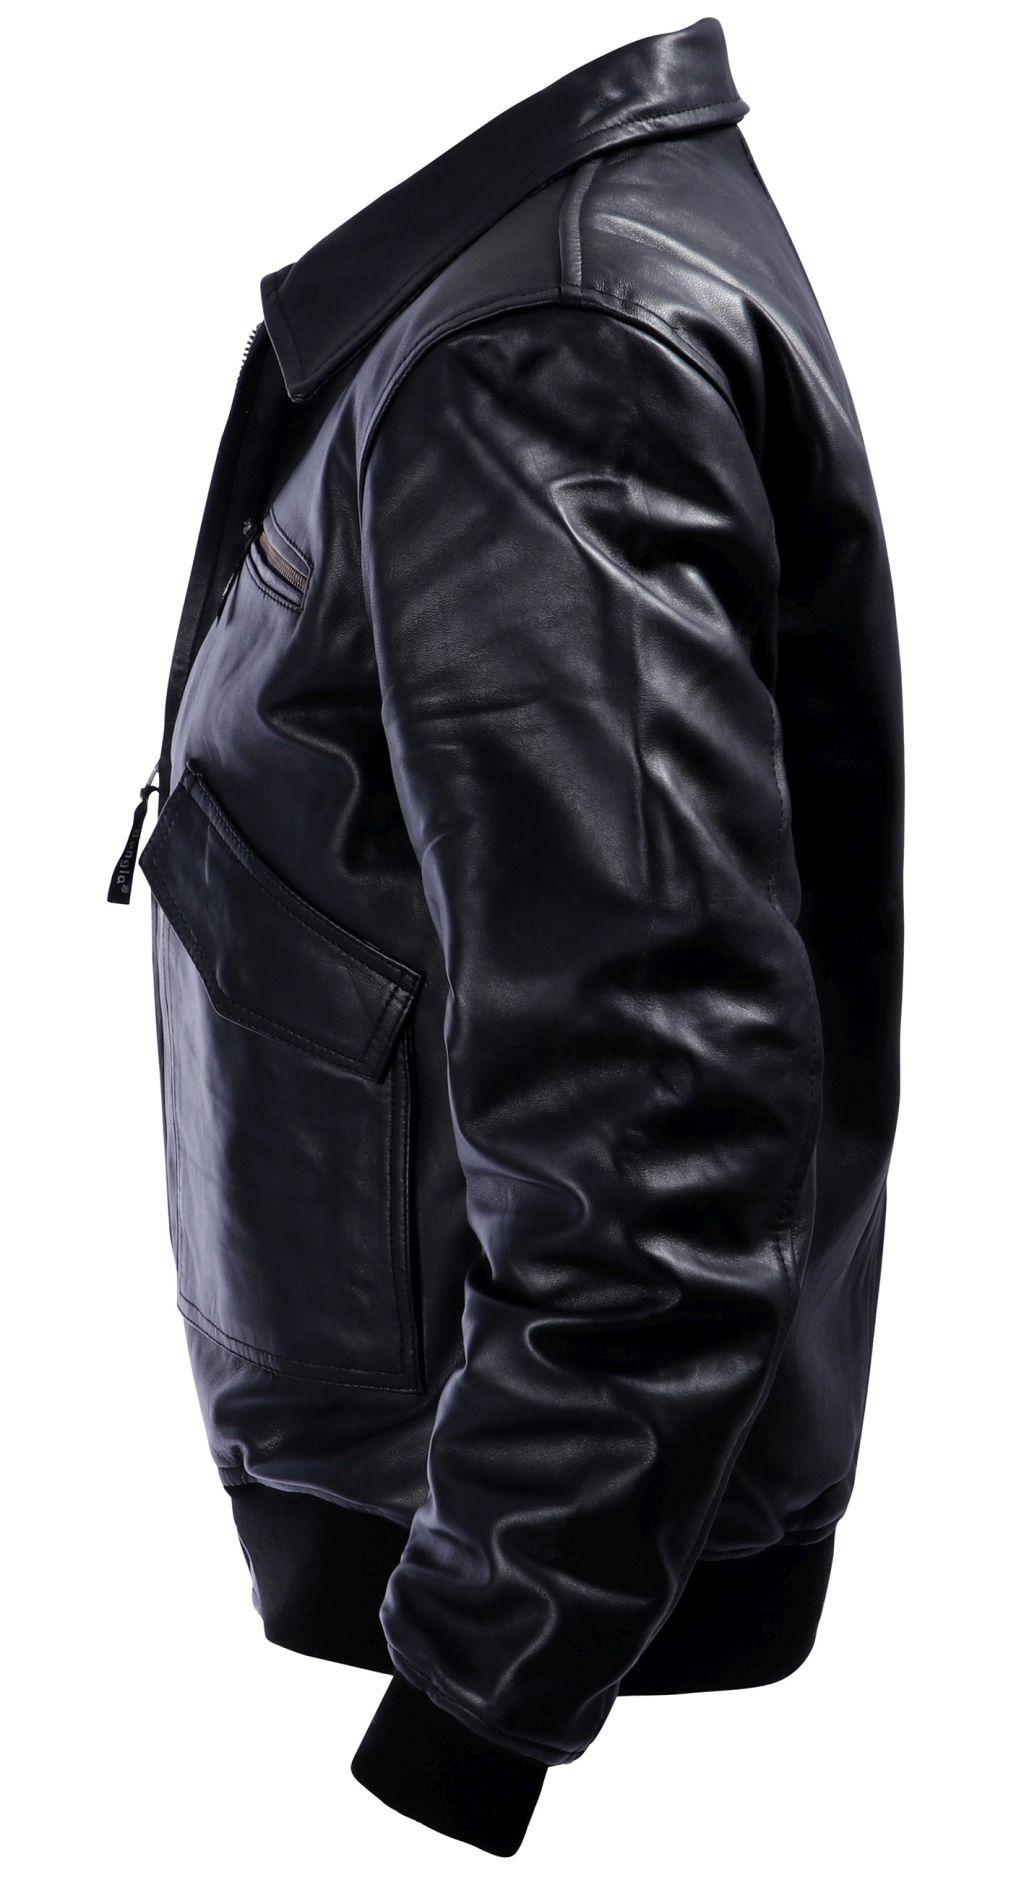 Bangla Lederjacke Herren Freizeit Jacke Schwarz  M - 6 XL